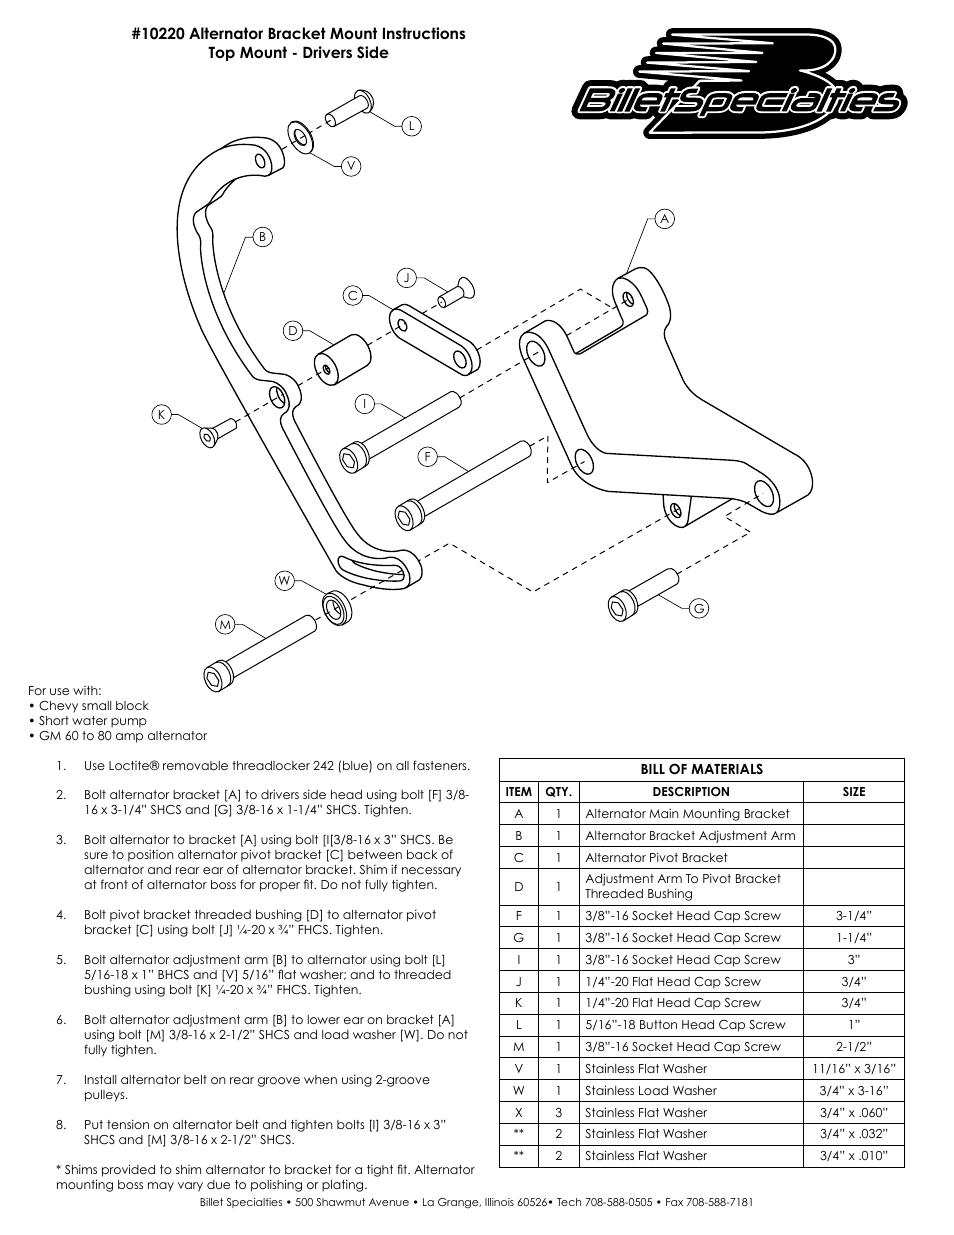 Billet Specialties 10220 Alternator Bracket User Manual